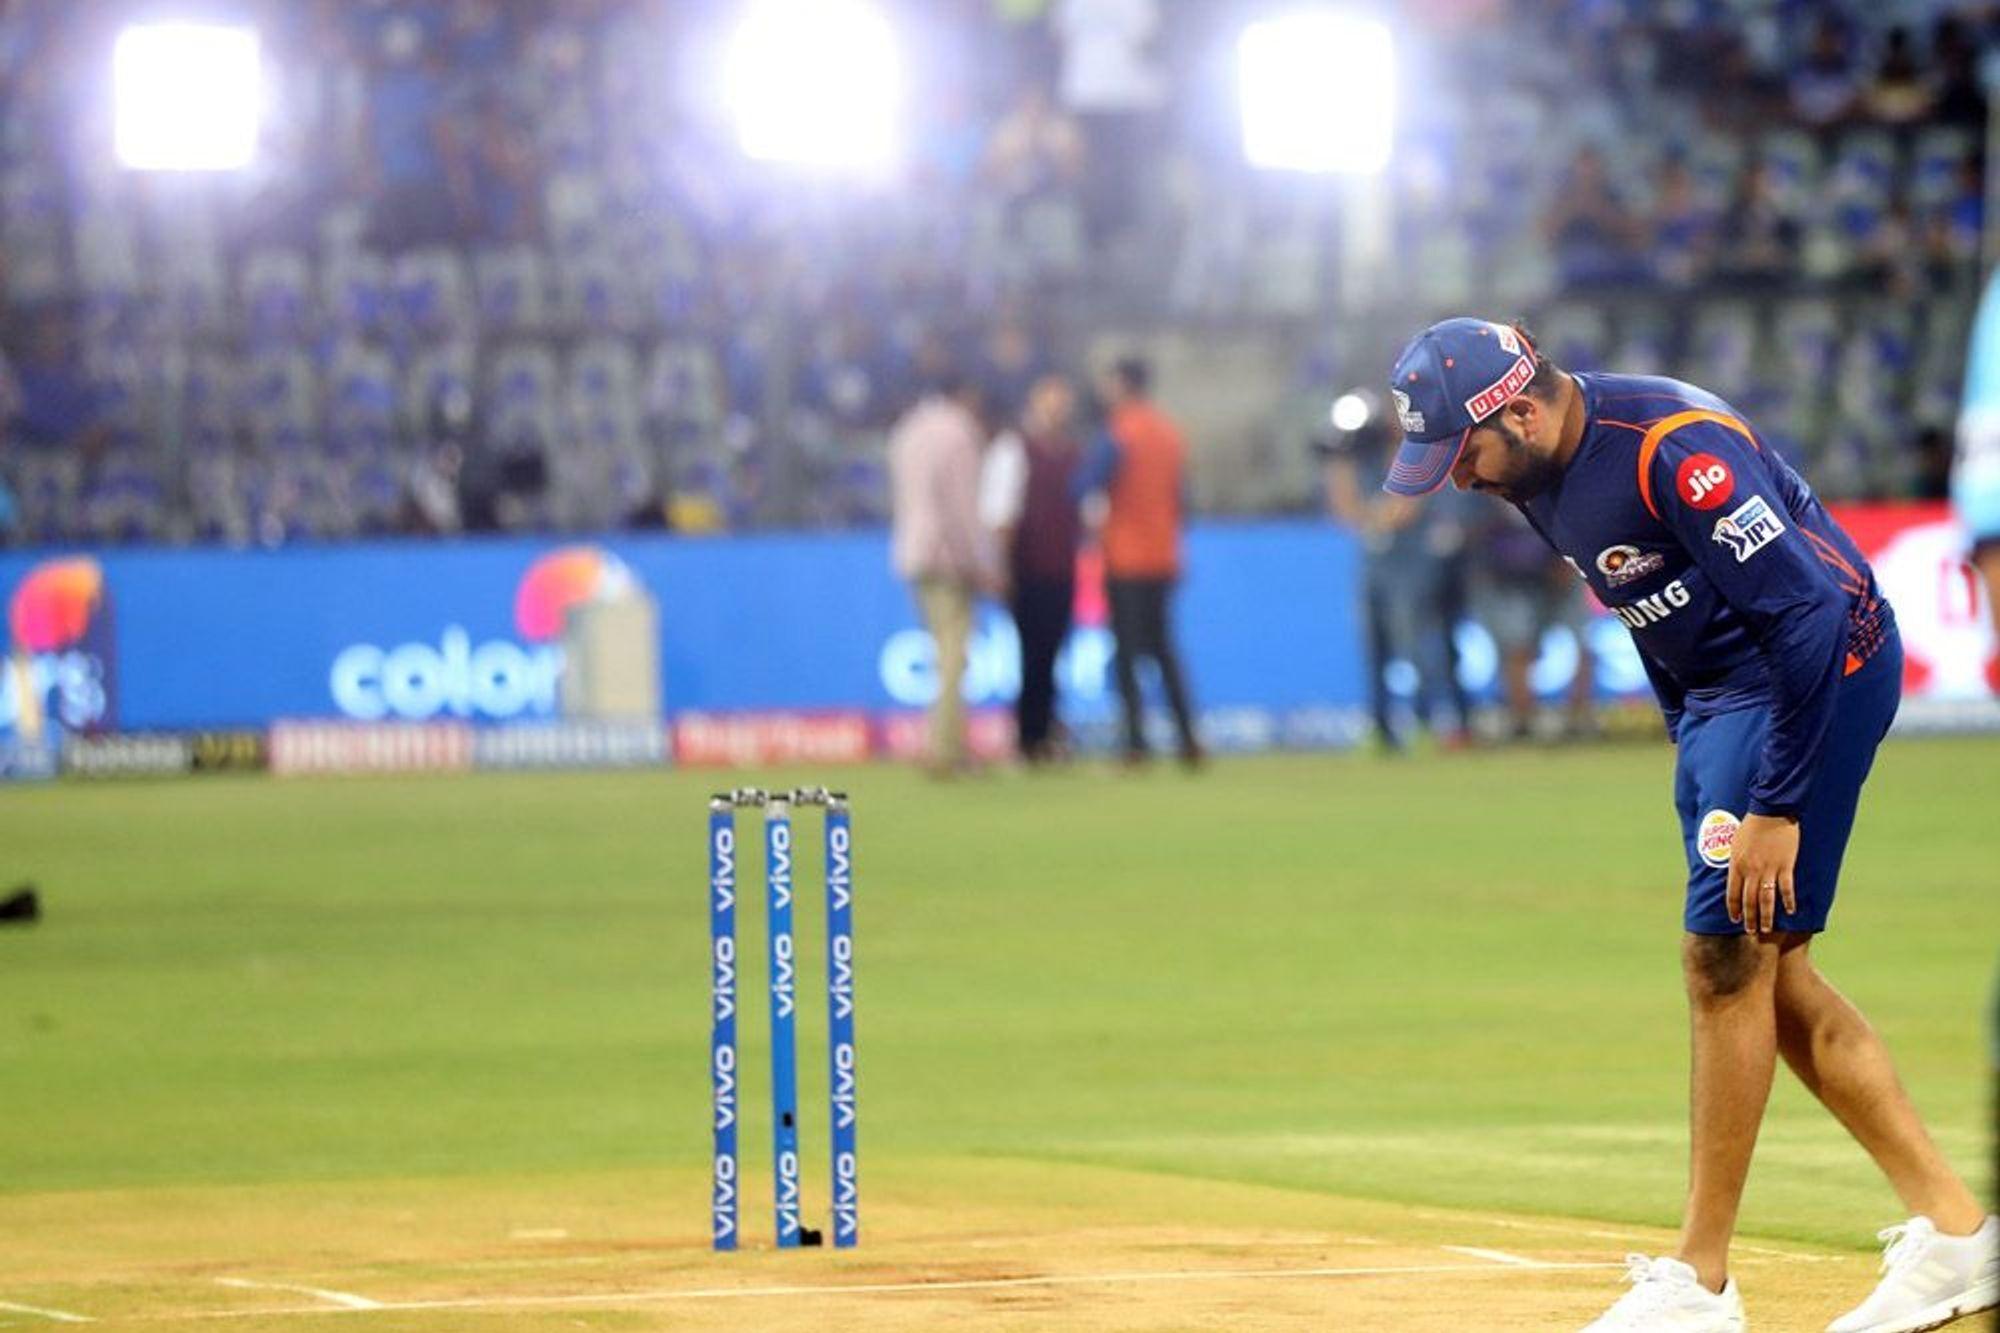 जहीर खान ने रोहित शर्मा की फिटनेस पर दिया अपडेट, जाने होंगे अगले मैच में टीम का हिस्सा या बैठेंगे बाहर